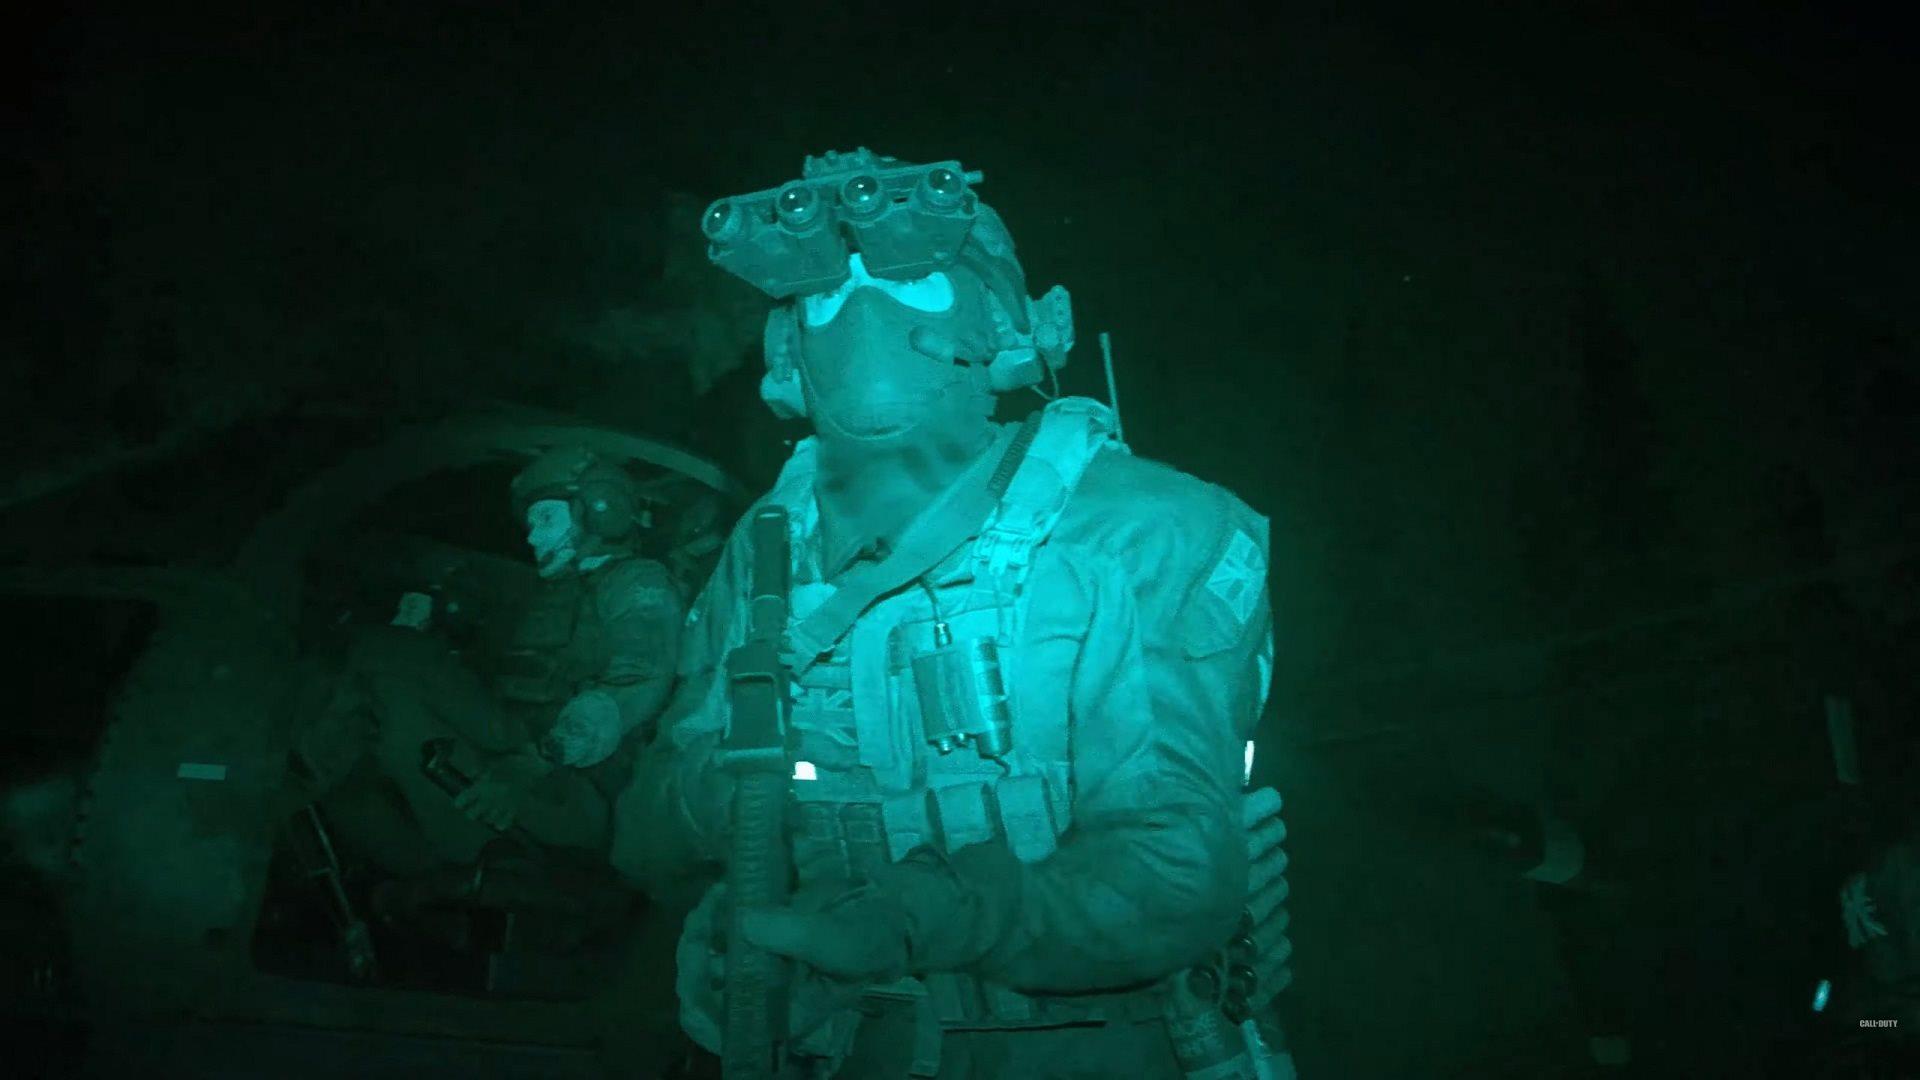 Call of Duty: Modern Warfare; screenshot: night vision